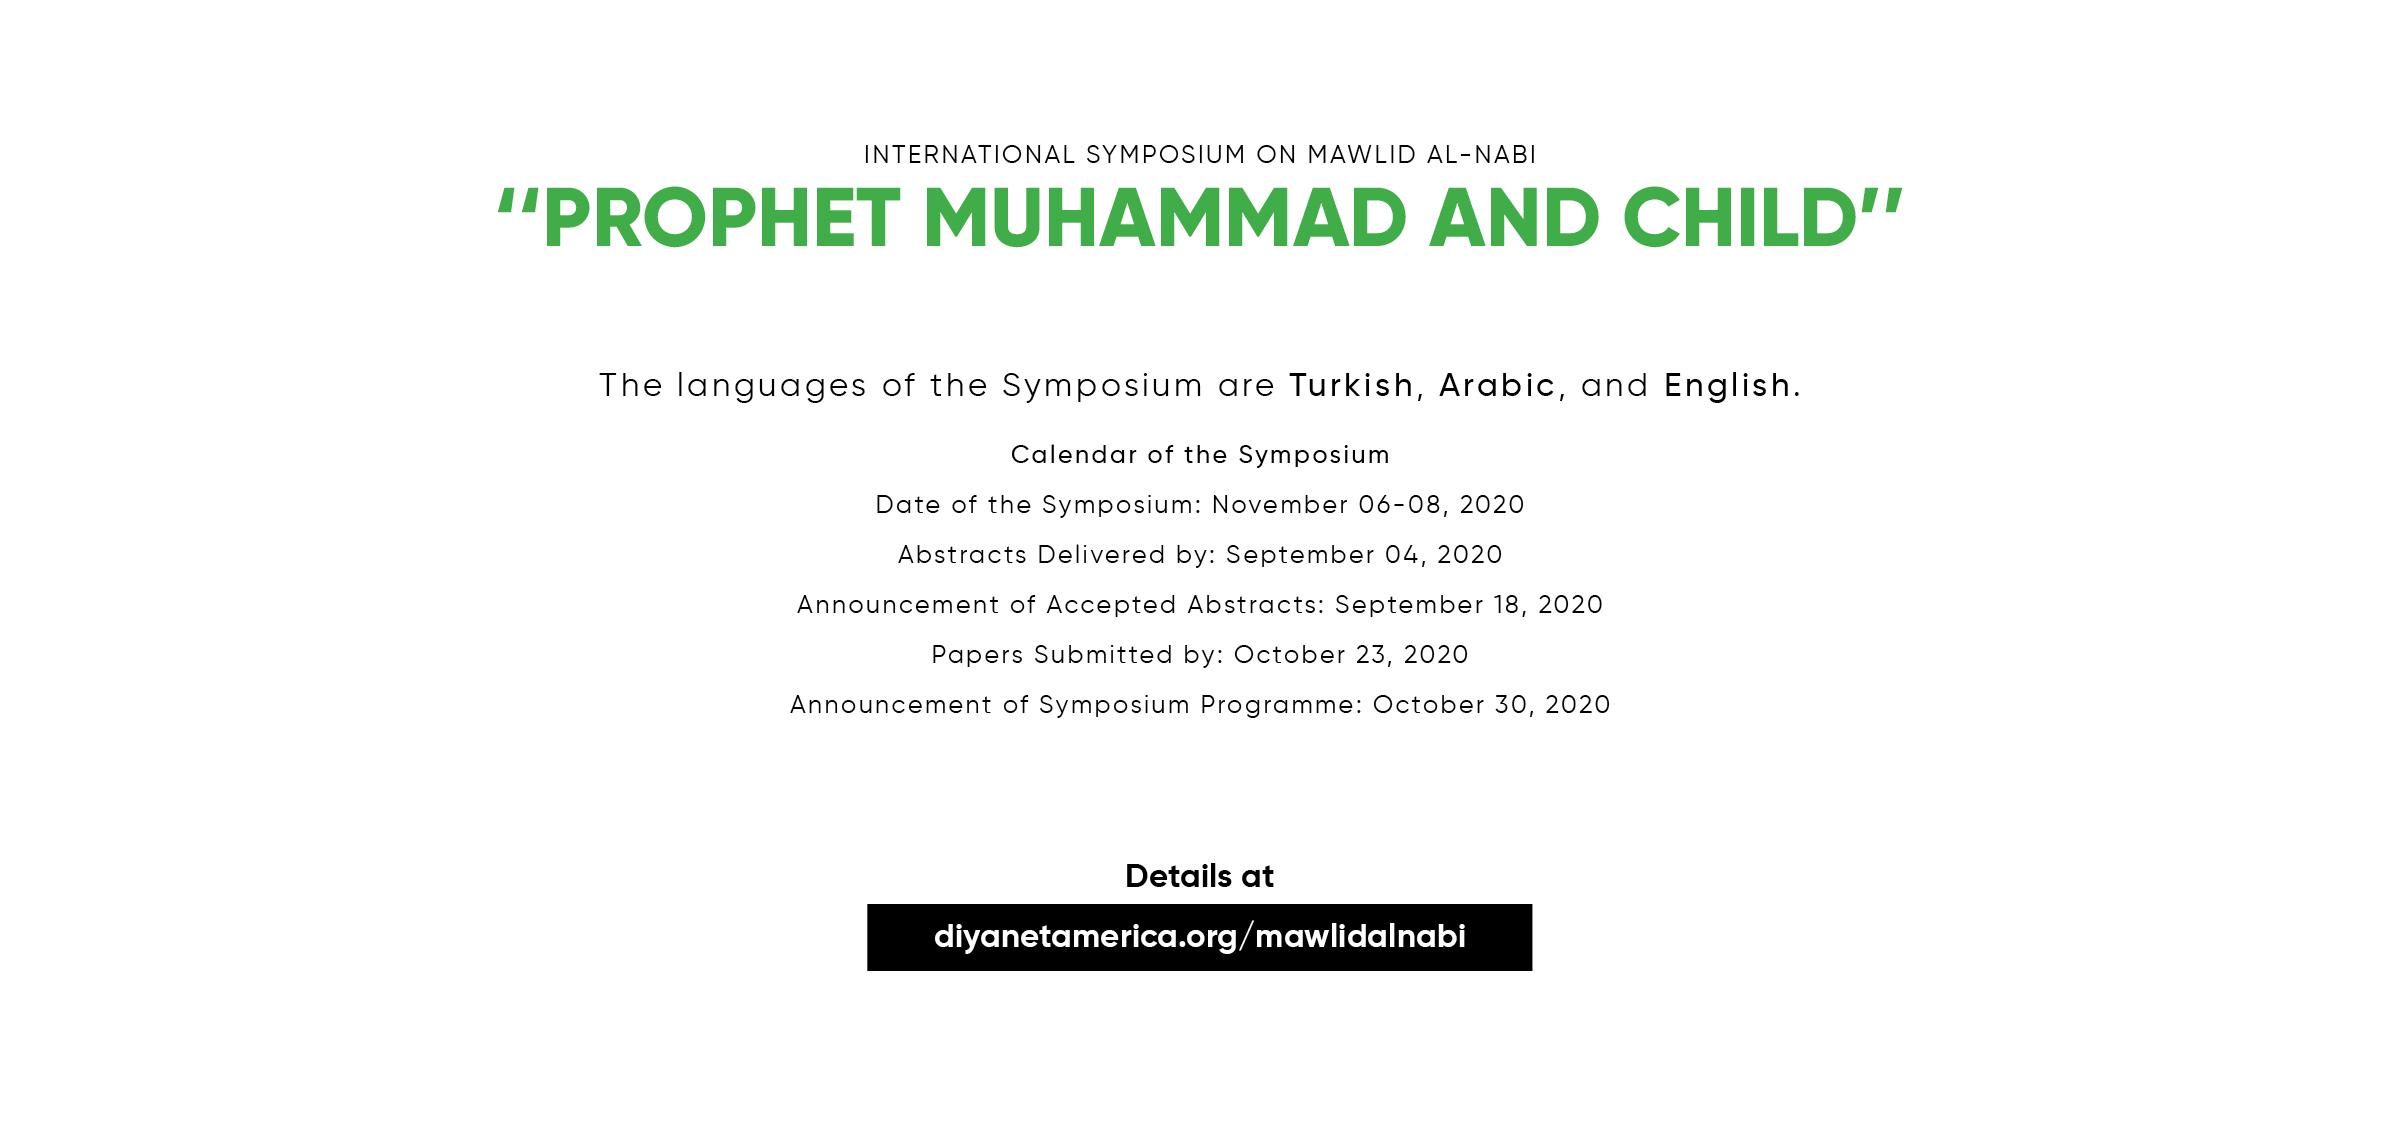 Mawlid al-Nabi Symposium